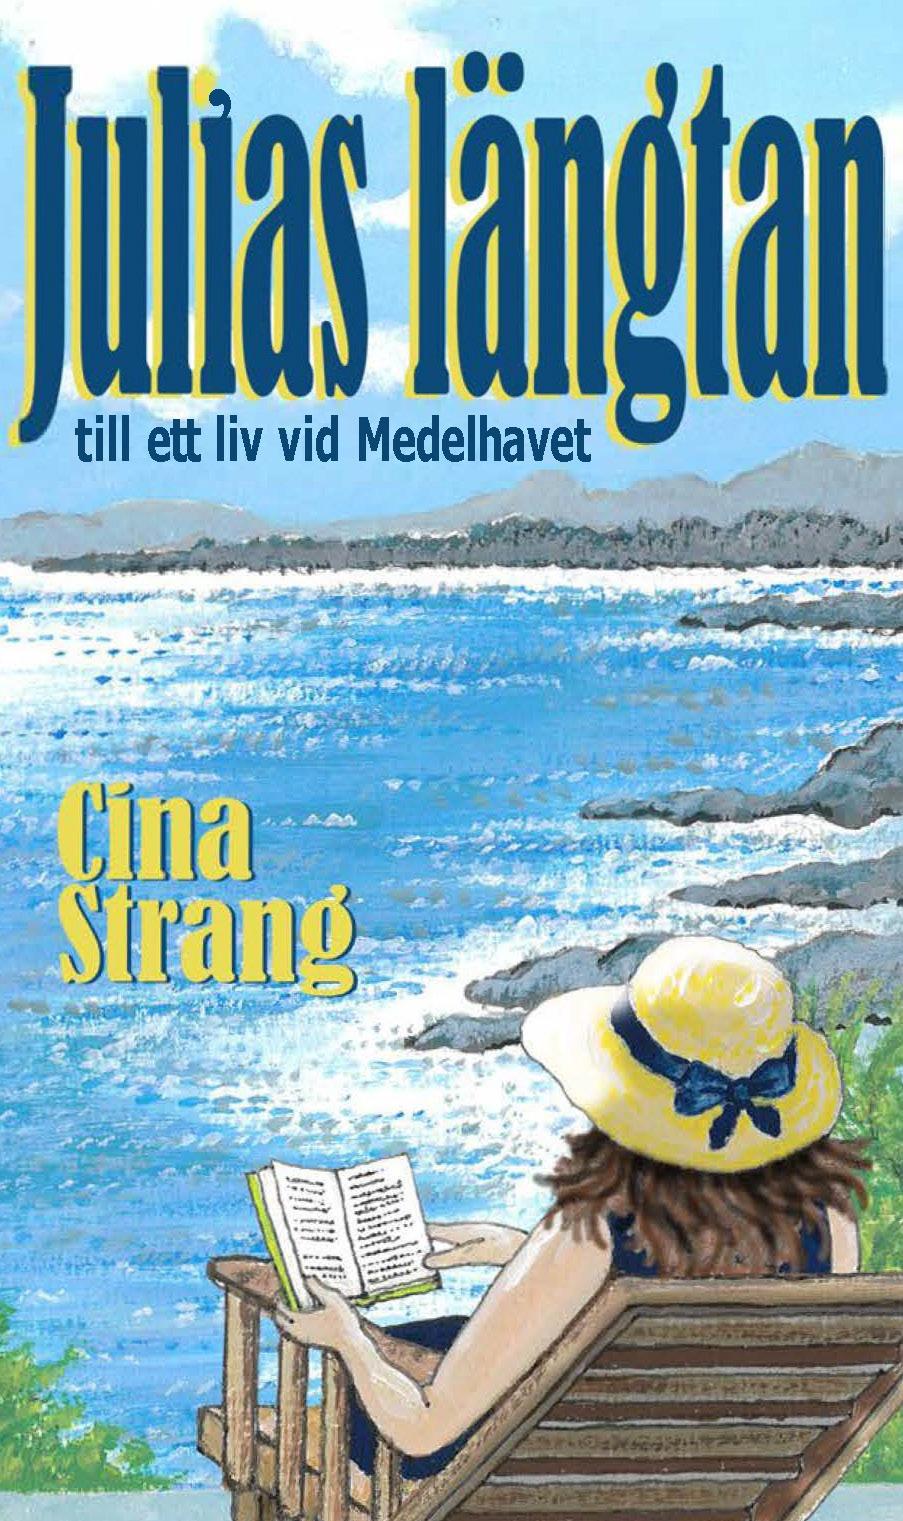 Julias längtan till ett liv vid Medelhavet av Cina Strang